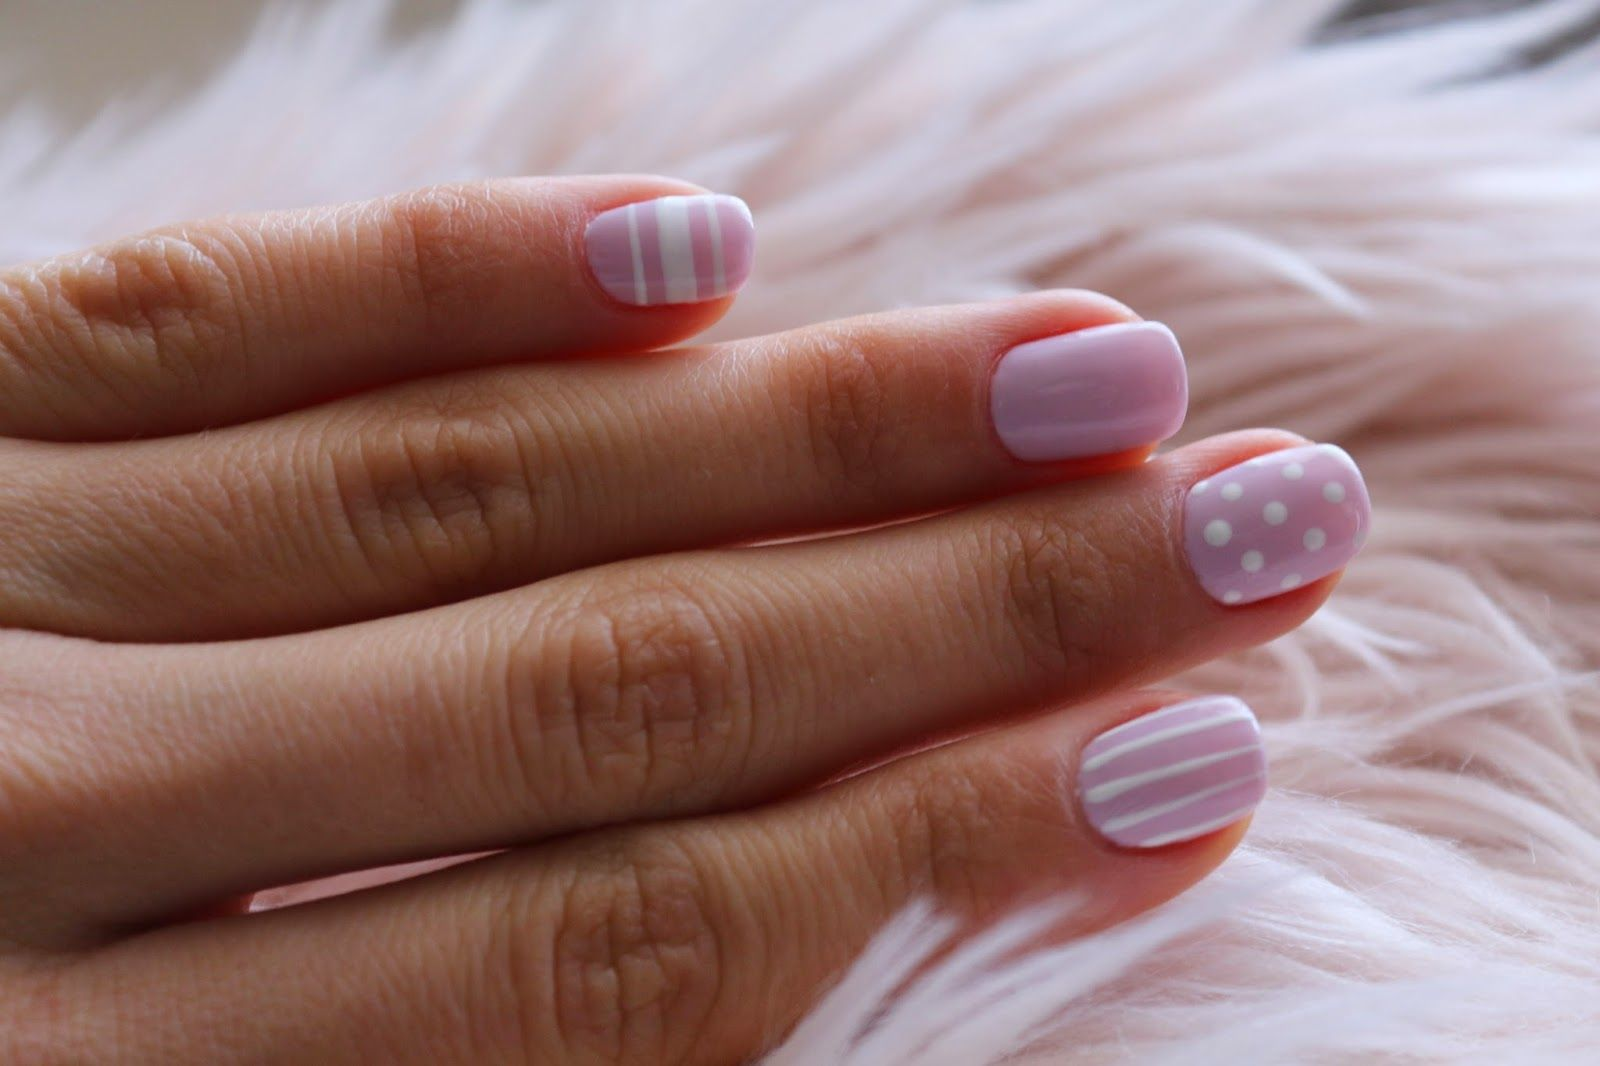 Super Girly Nails Nail Art Studio By Lore Sandra Bendre Nails